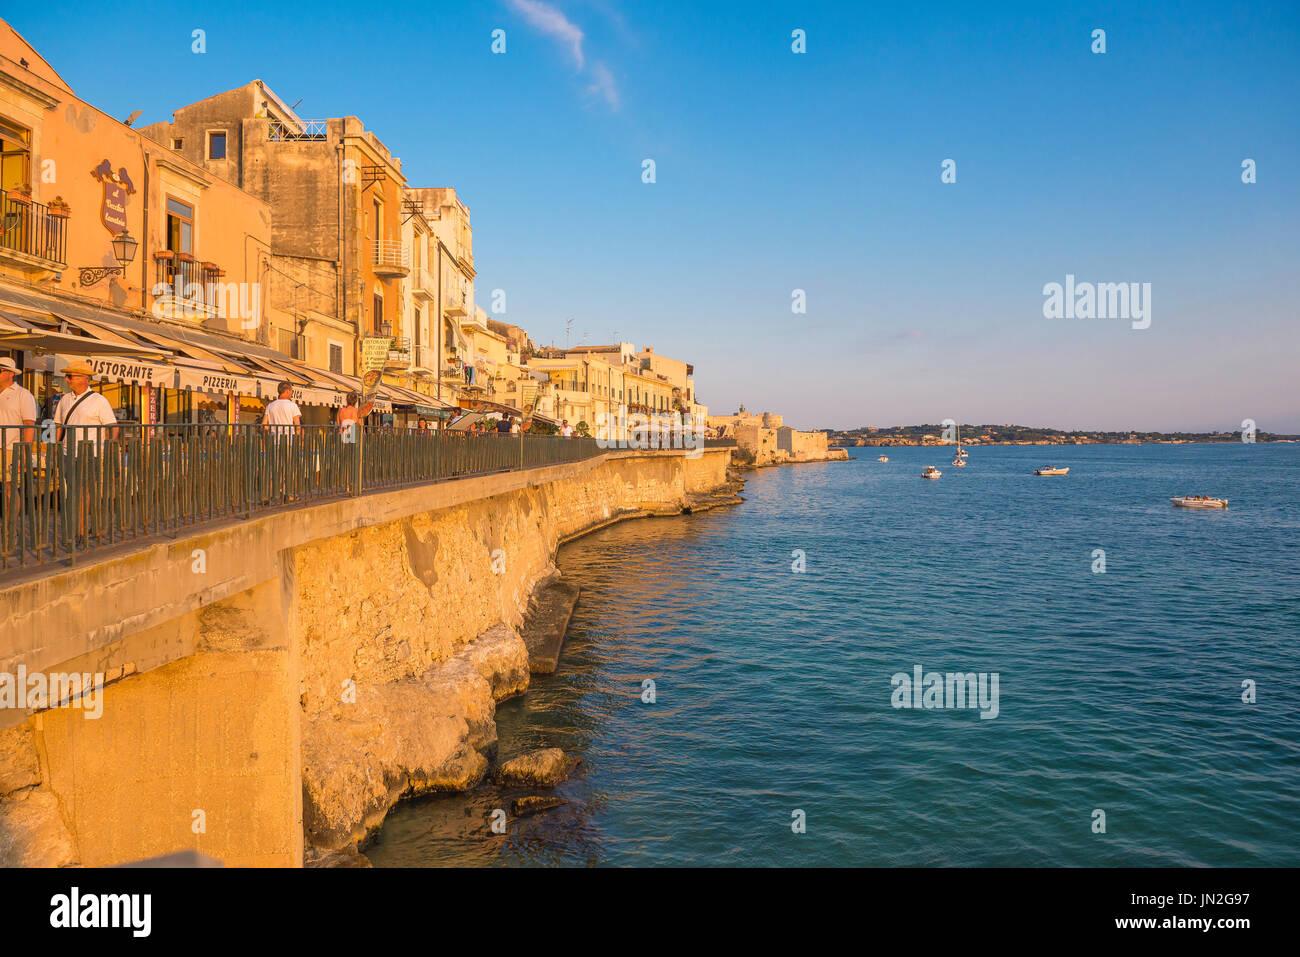 Sicilia costa este, vista de la pared del mar en Ortigia isla cerca de Siracusa en Sicilia. Foto de stock